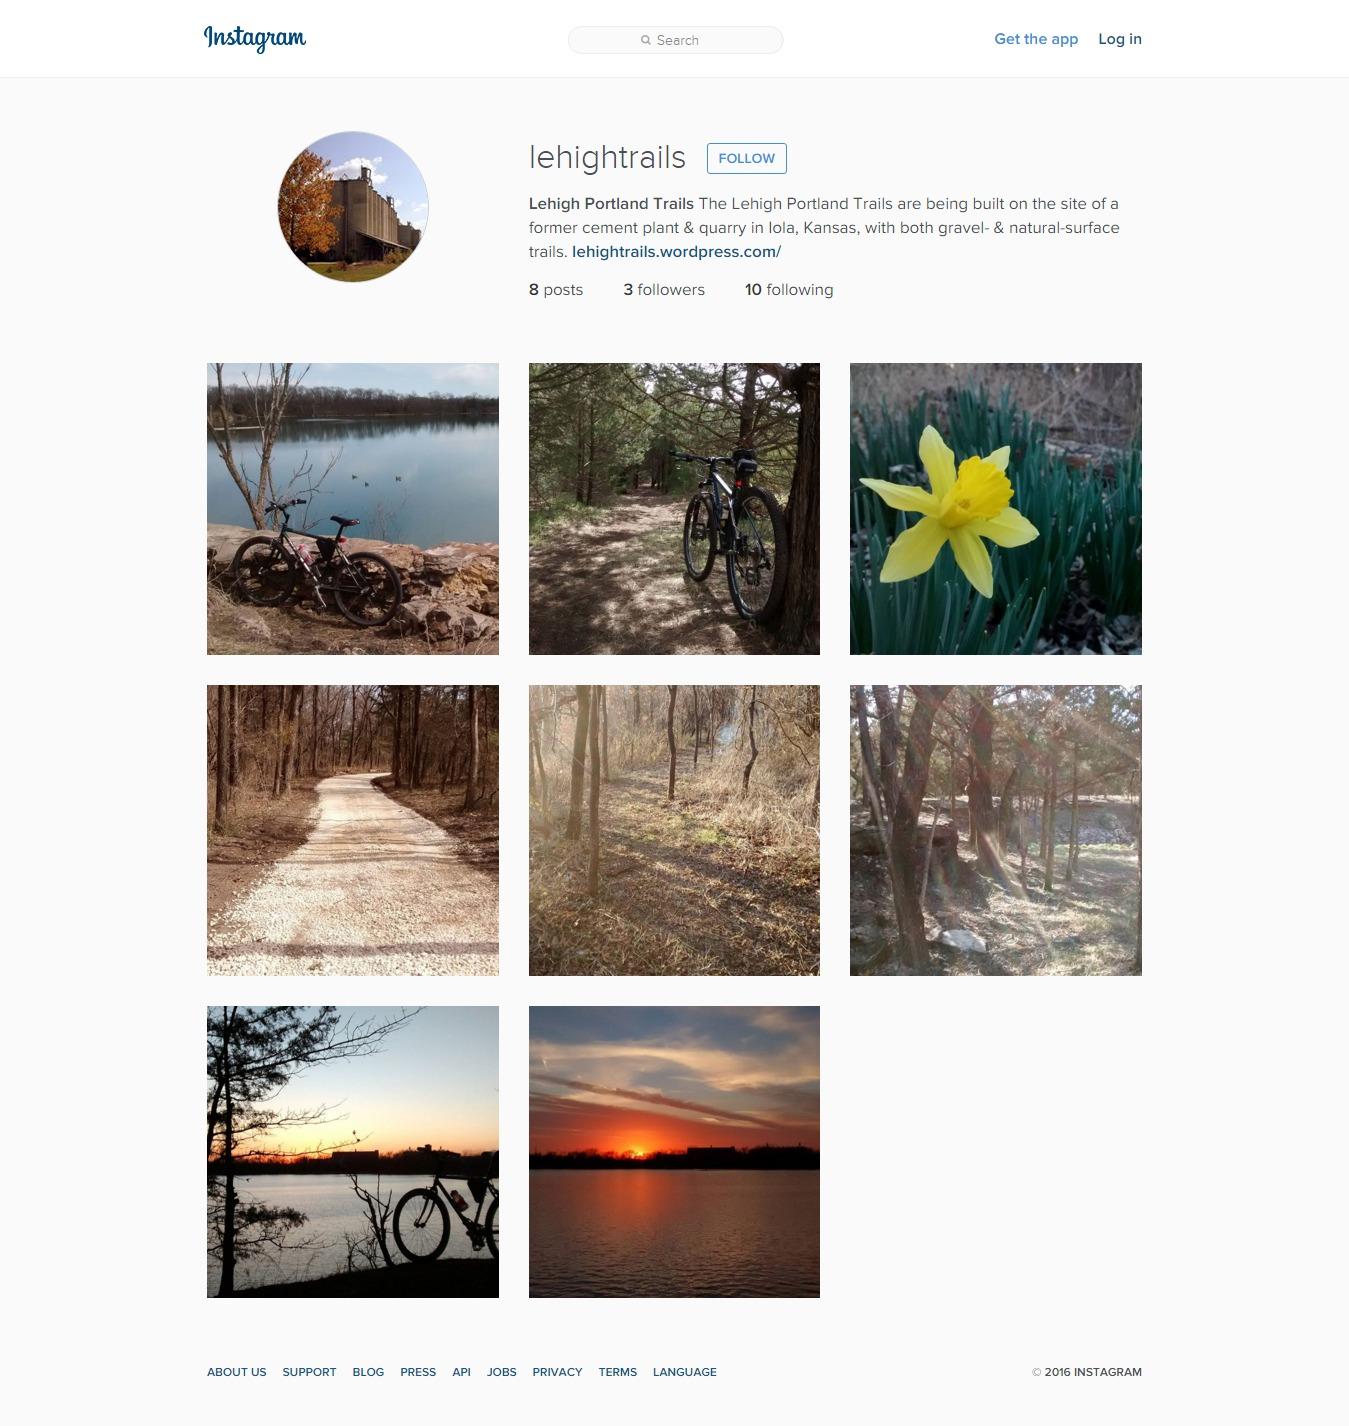 Follow Lehigh Portland Trails on Instagram